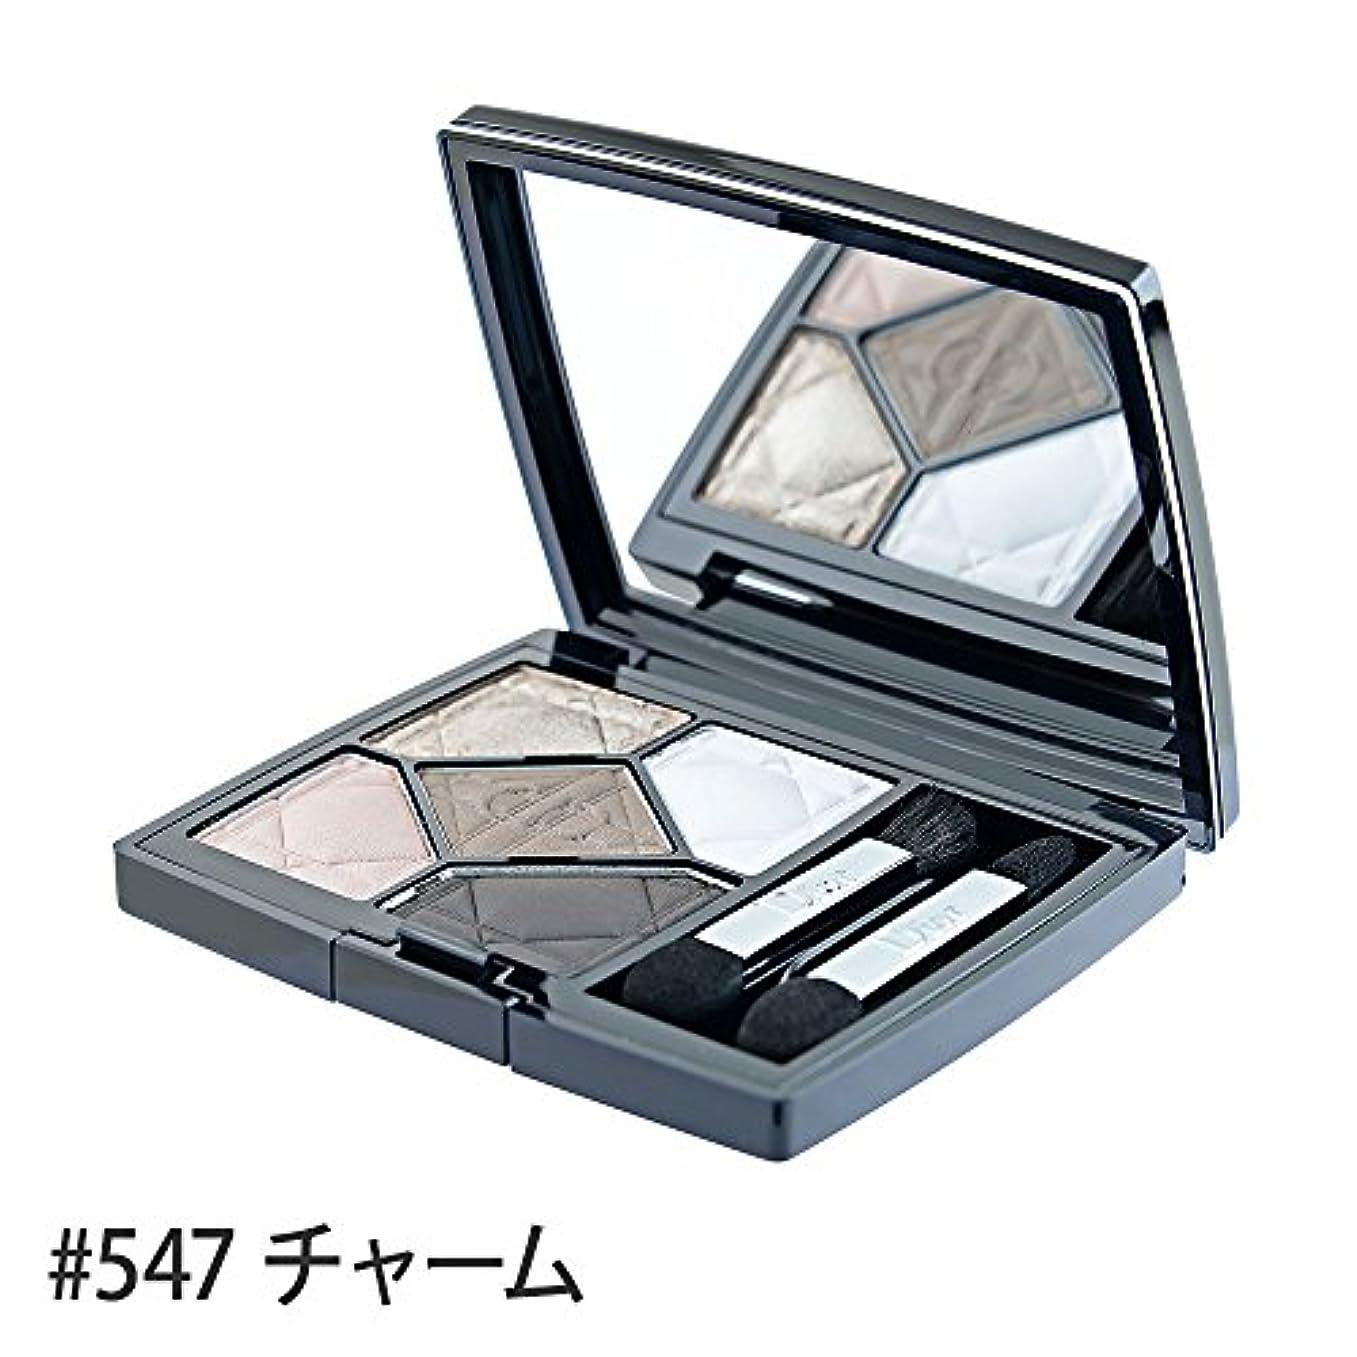 ウェーハキャンドル指定ディオール(Dior) サンク クルール #547(チャーム) 6g [並行輸入品]